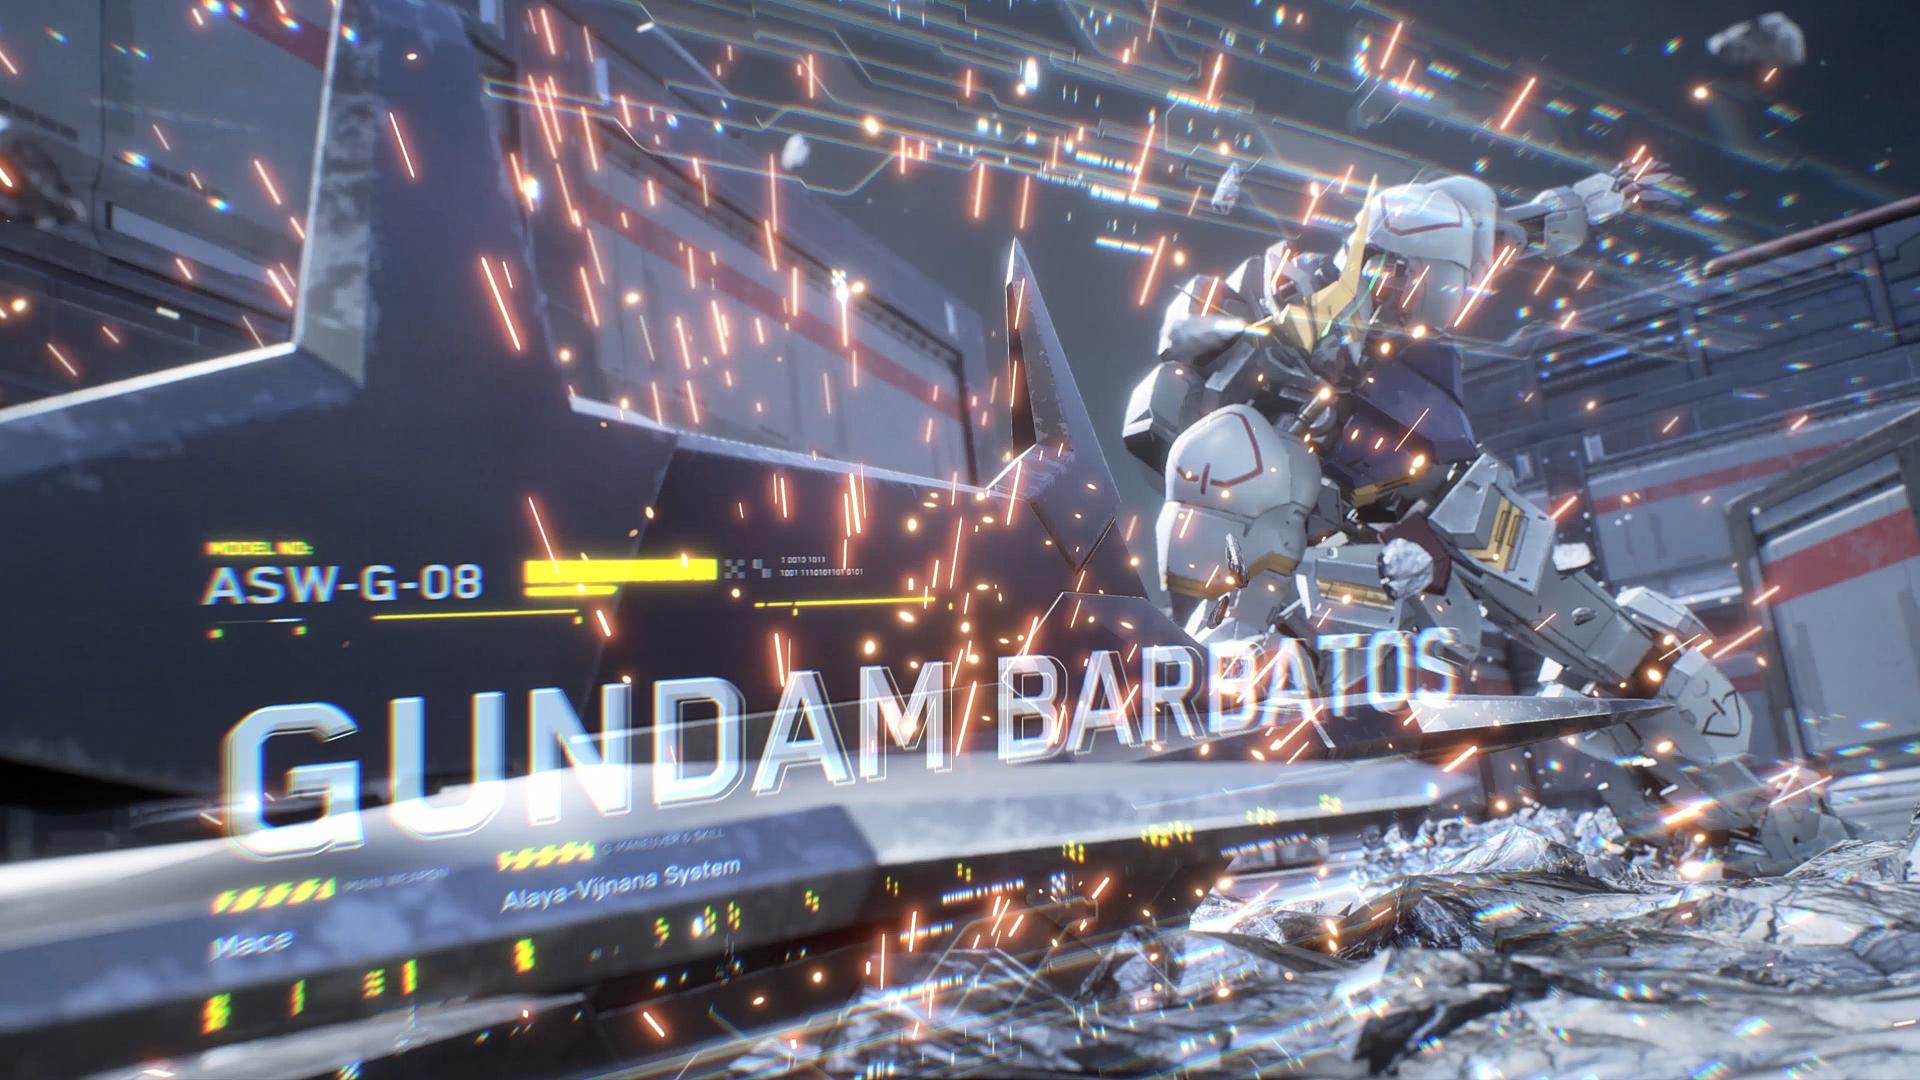 ガンダム・バルバトスはメインウェポンのメイスや太刀を用いた強力な近接攻撃が得意な機体